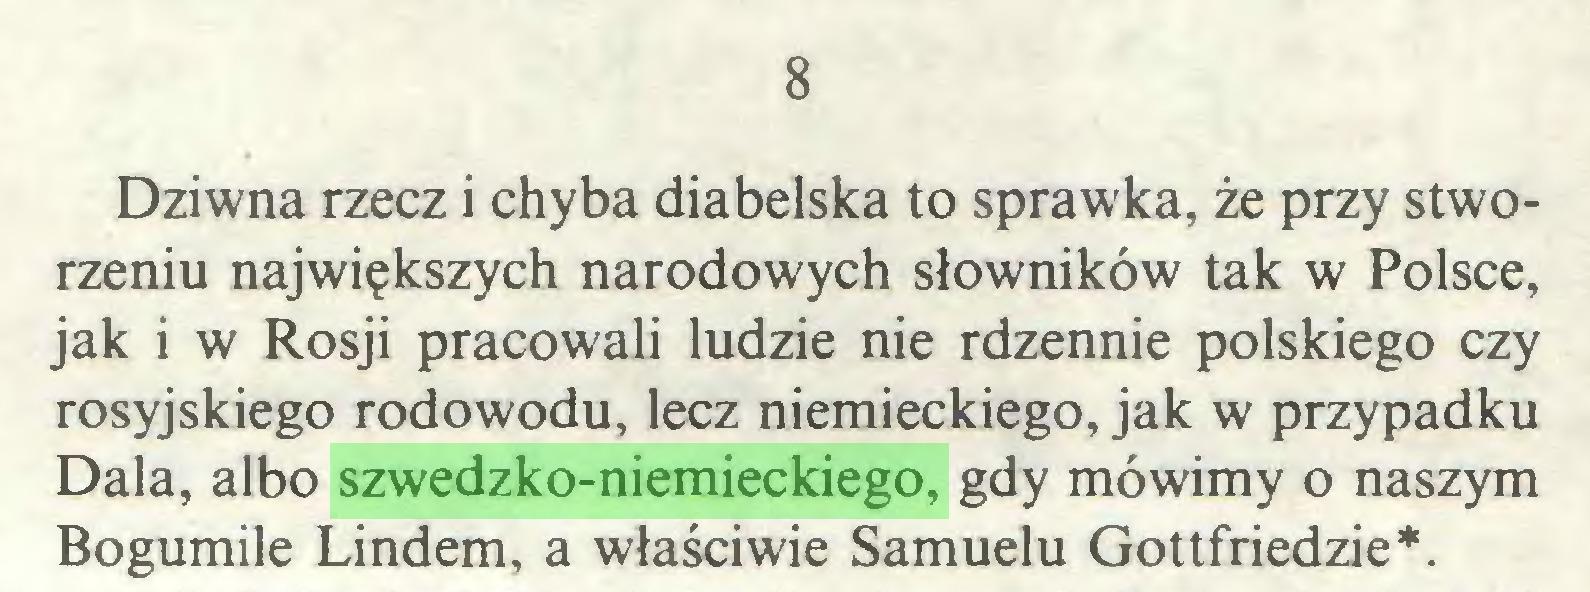 (...) 8 Dziwna rzecz i chyba diabelska to sprawka, że przy stworzeniu największych narodowych słowników tak w Polsce, jak i w Rosji pracowali ludzie nie rdzennie polskiego czy rosyjskiego rodowodu, lecz niemieckiego, jak w przypadku Dala, albo szwedzko-niemieckiego, gdy mówimy o naszym Bogumile Lindem, a właściwie Samuelu Gottfriedzie*...